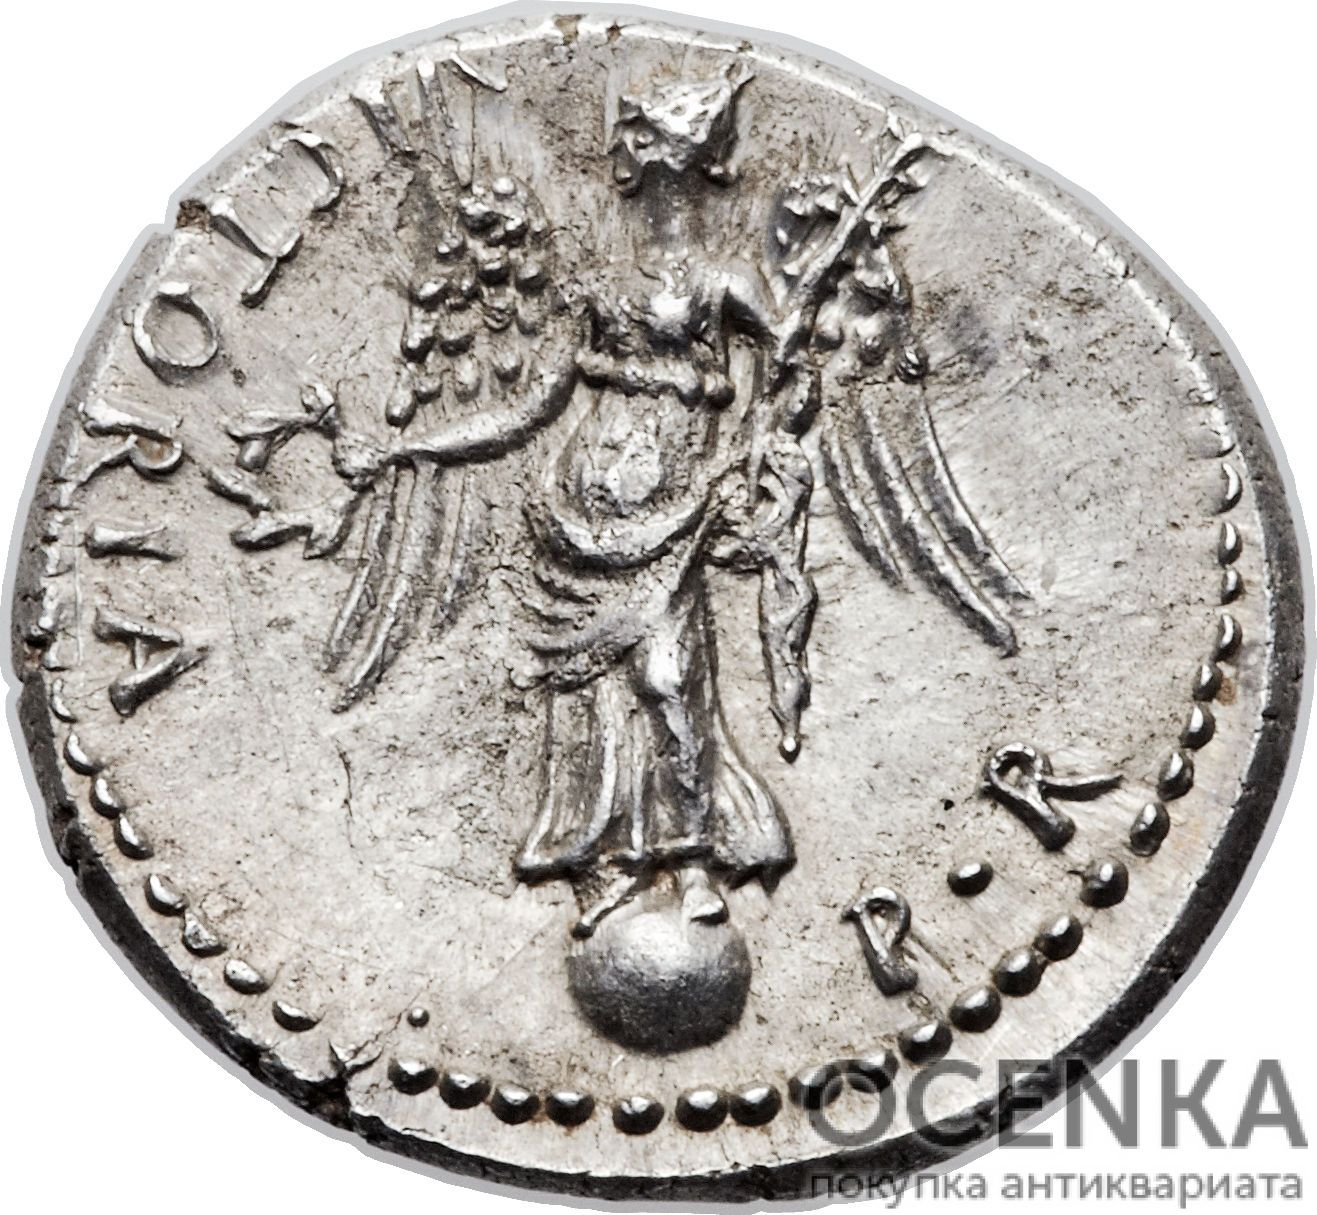 Серебряный Денарий Сервия Гальбы Императора Цезаря Августа, 69 год - 1